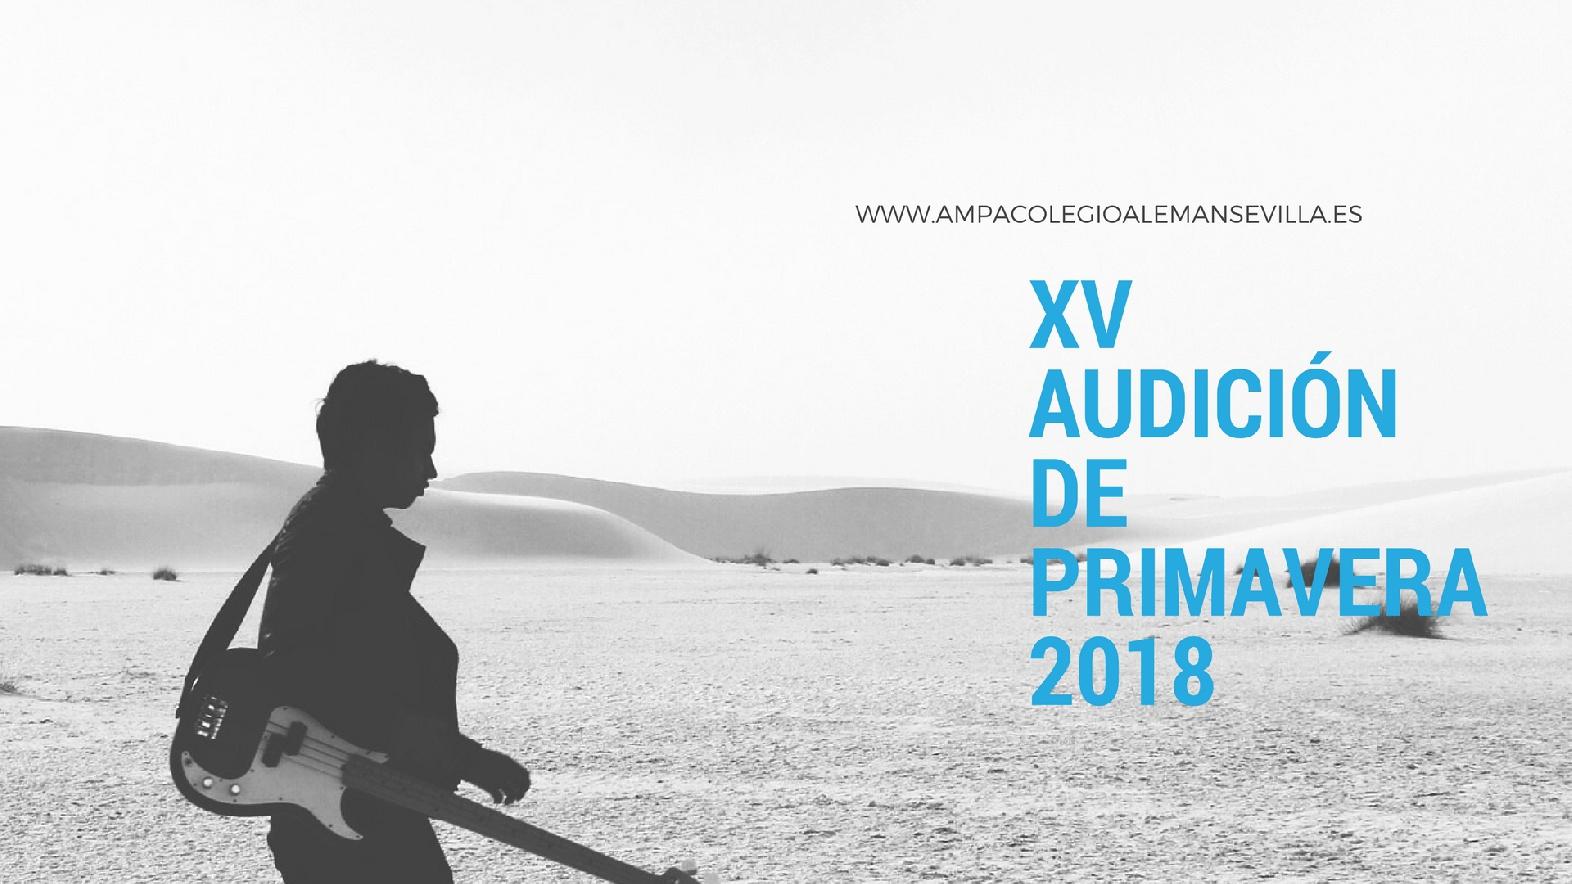 AUDICIÓN DE PRIMAVERA 2018